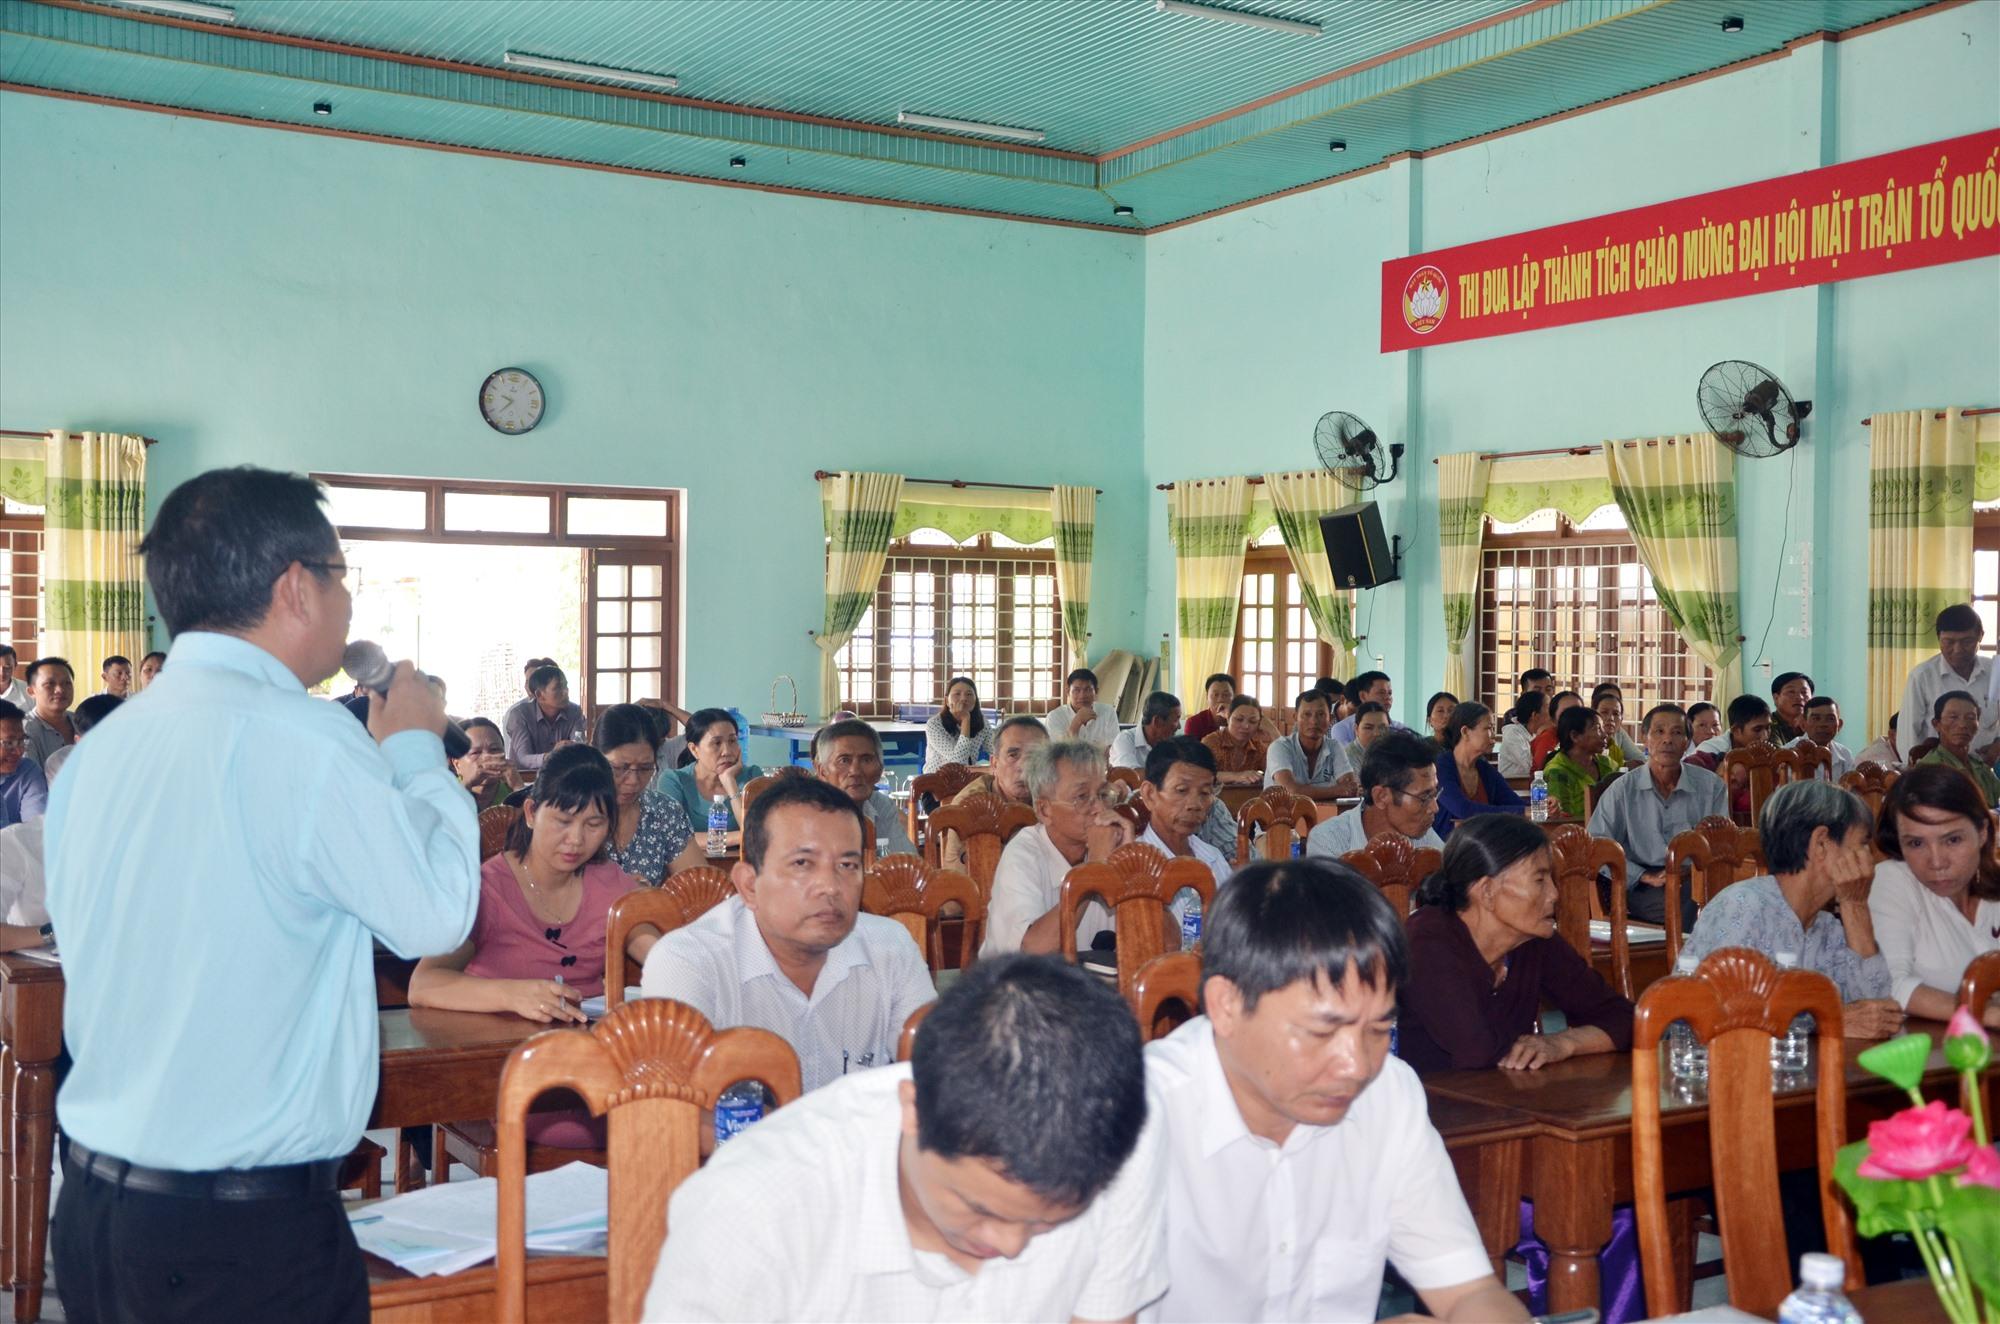 Đại diện Sở TN&MT đối thoại với người dân tại trụ sở xã Tam Xuân 2 chung quanh bãi rác Tam Xuân 2 (Núi Thành).